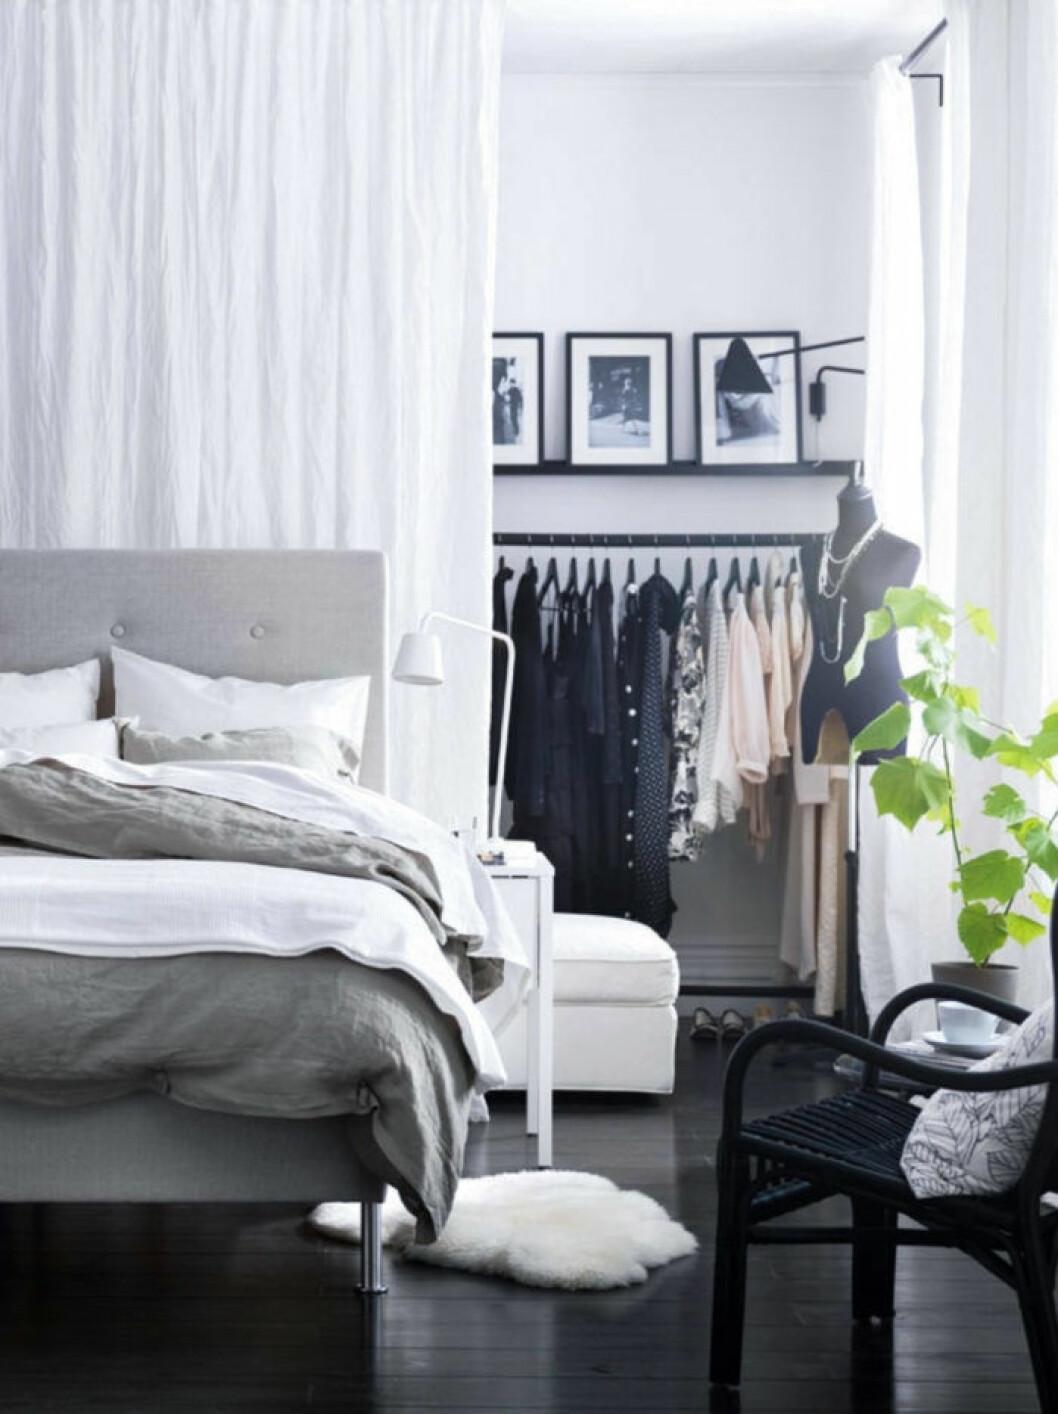 Sovrum med säng utskjuten från väggen och en liten walk-in-closet finns bakom en skir gardin